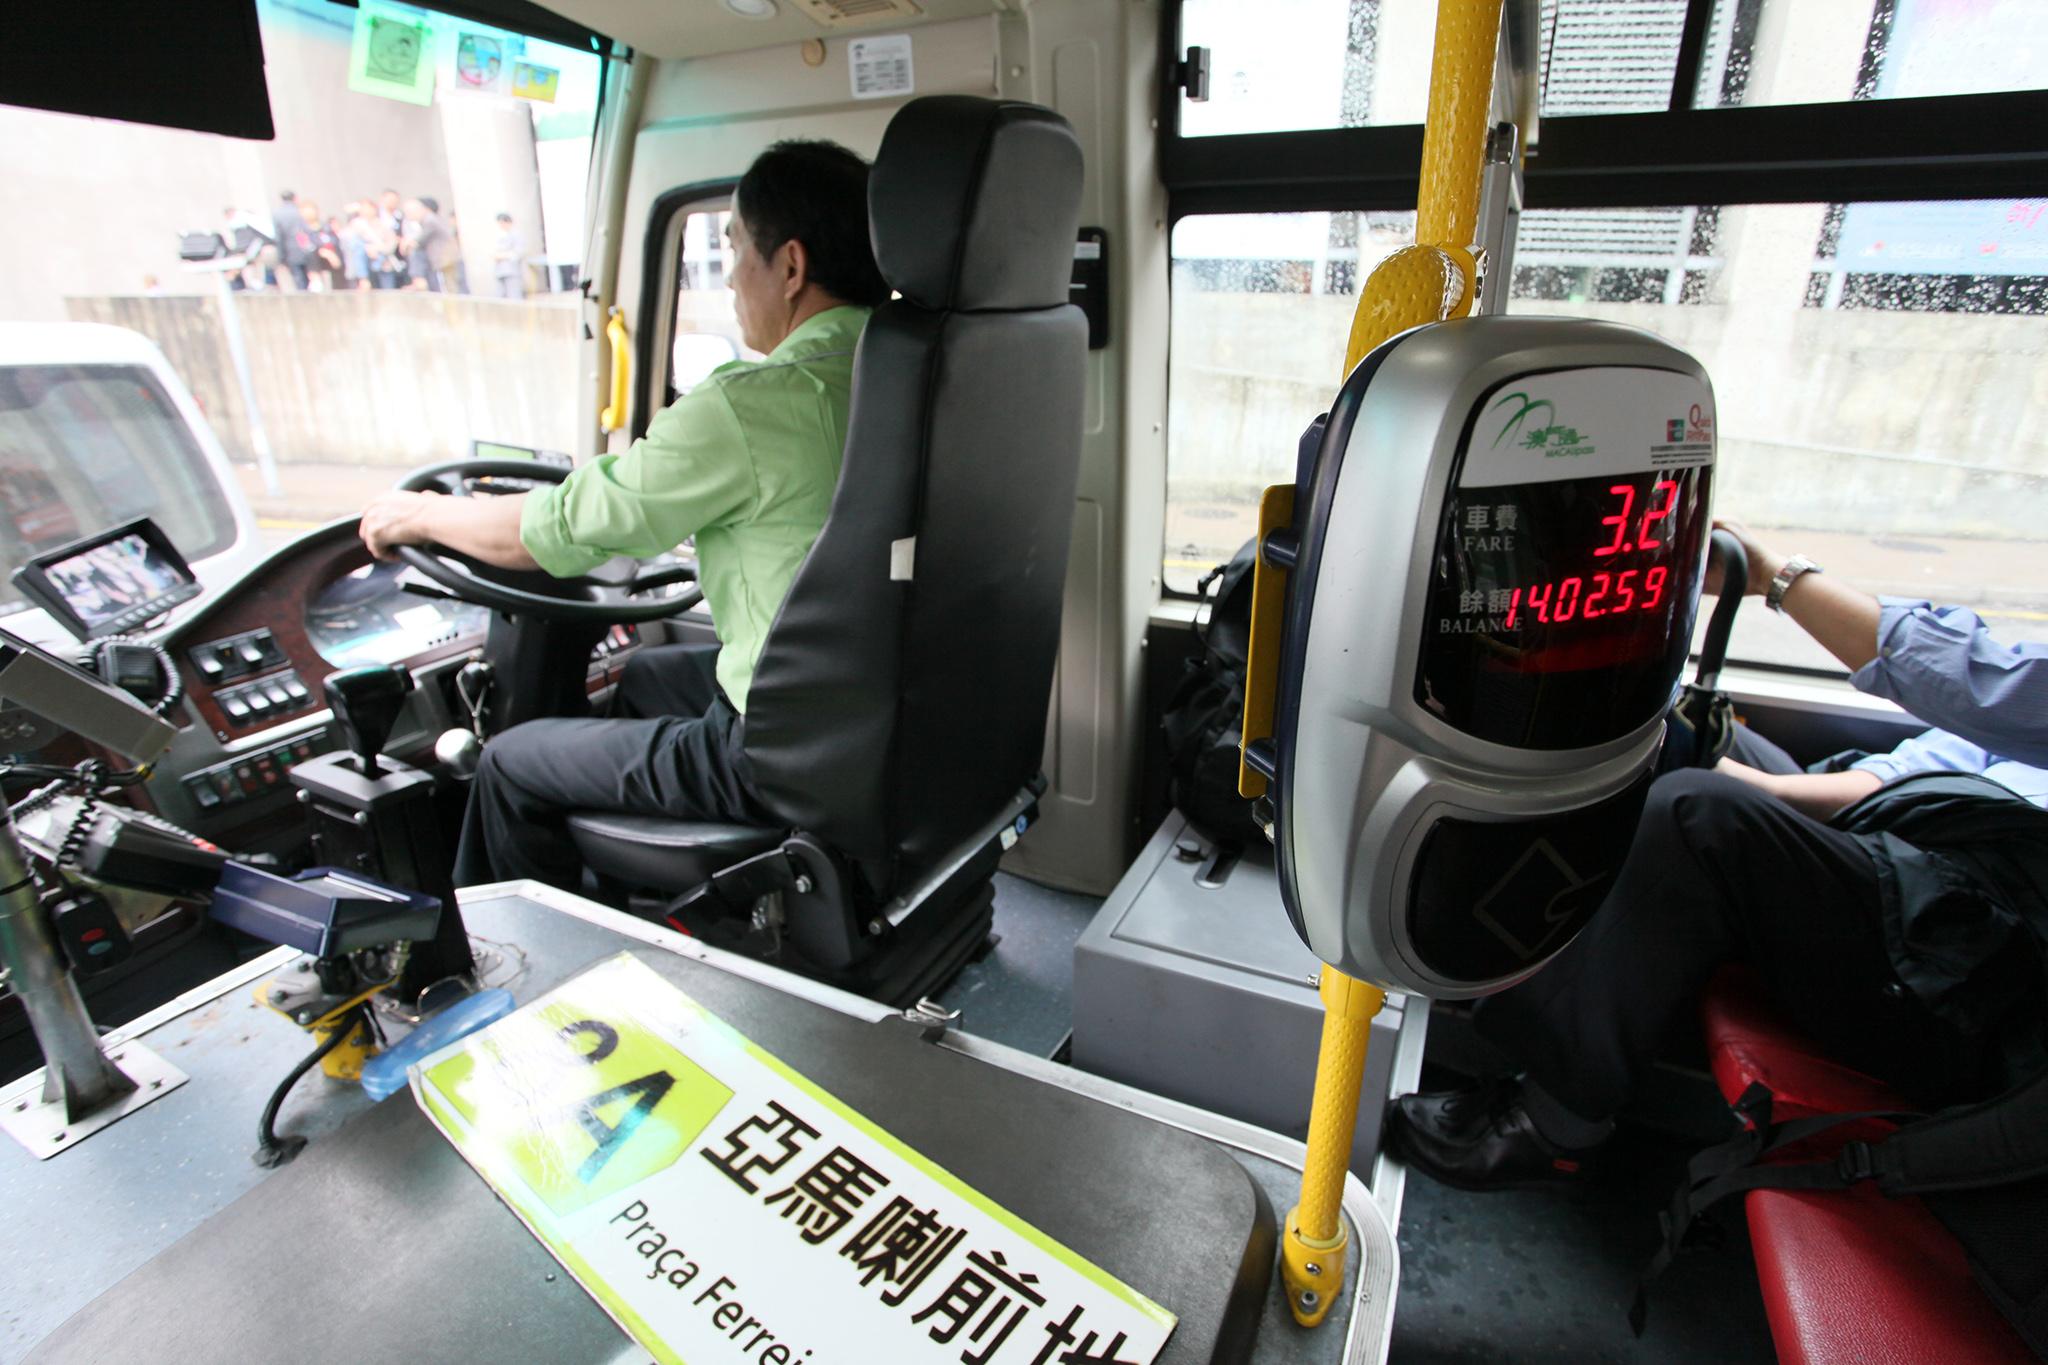 Transportes | Bilhetes do autocarro passam a custar seis patacas